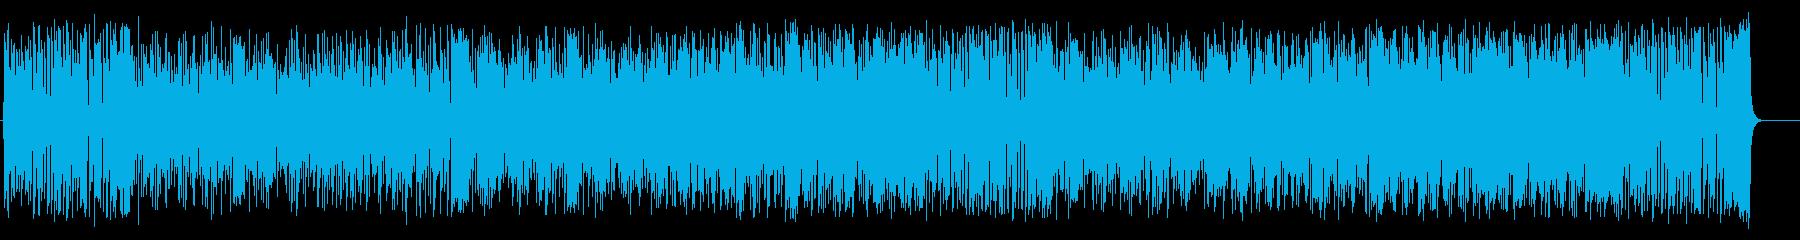 夏のフュージョンポップ(フルサイズ)の再生済みの波形